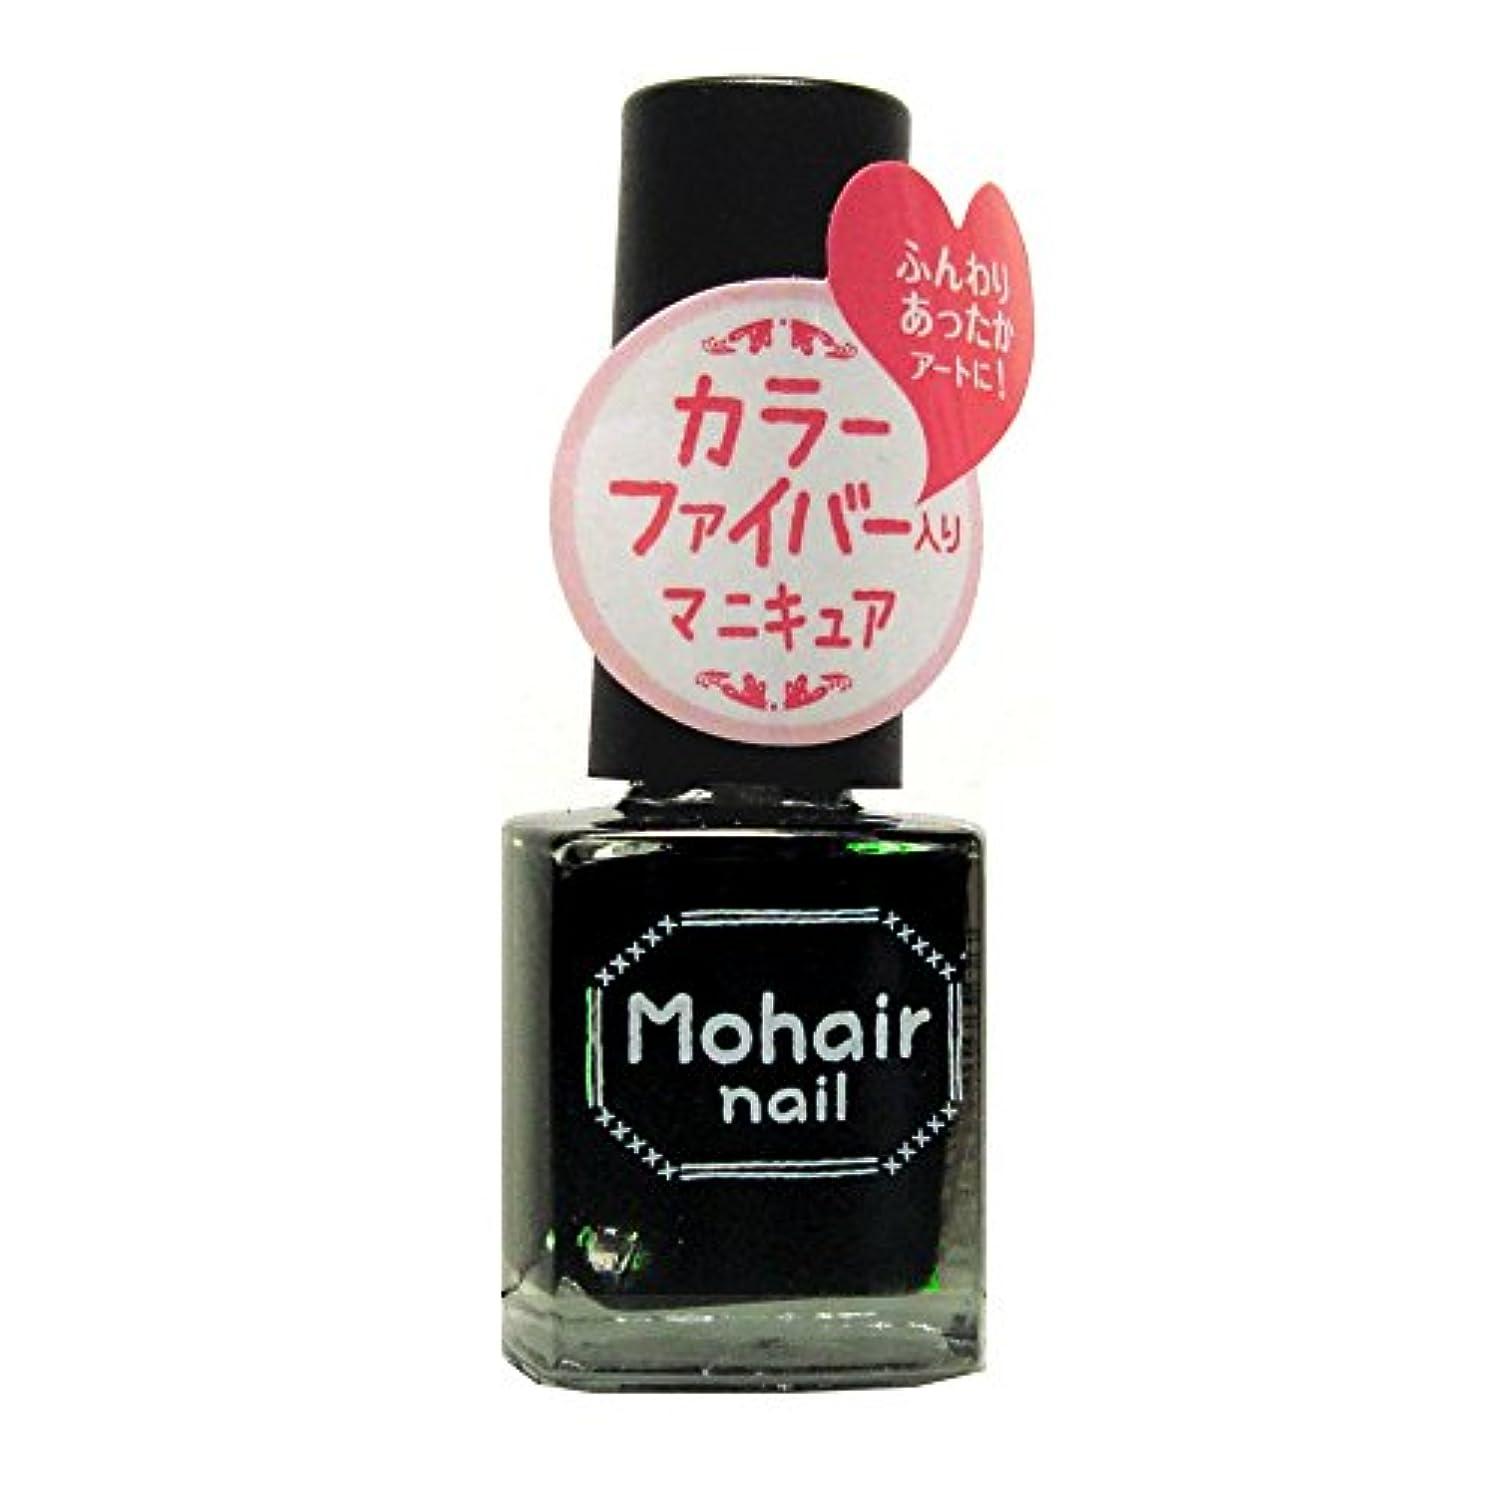 定期的な恥ずかしさ作成するTM モヘアネイル(爪化粧料) TMMH1606 オリーブグリーン